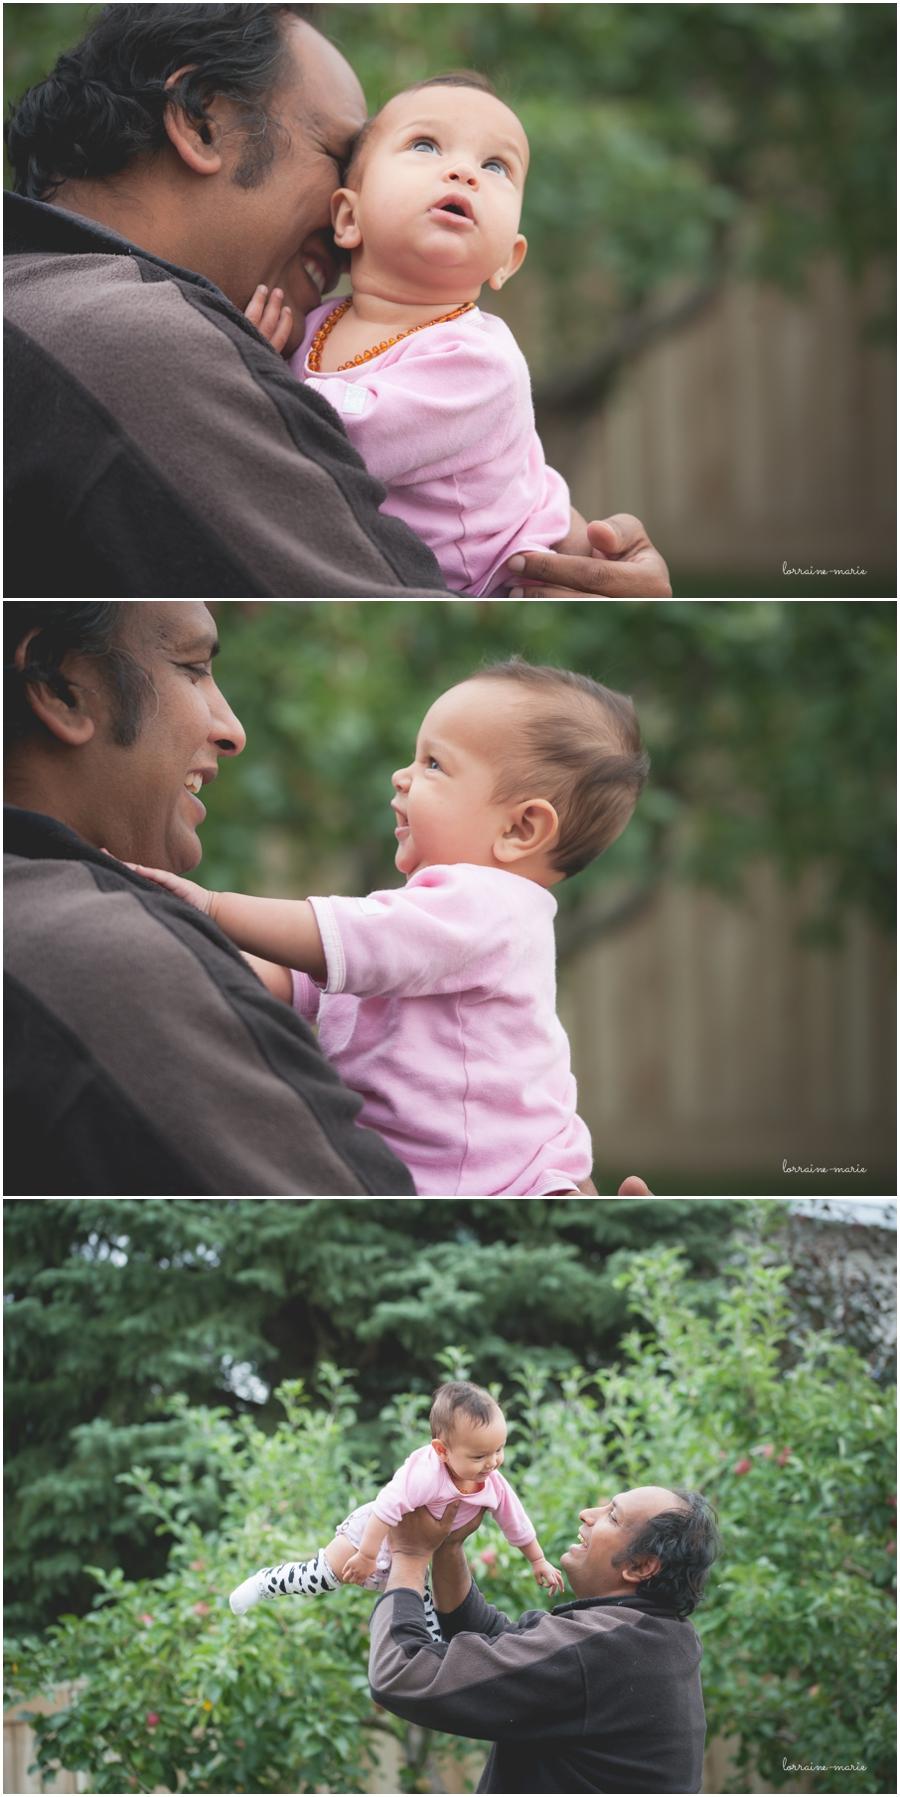 edmontonfamilyphotographer-103.jpg